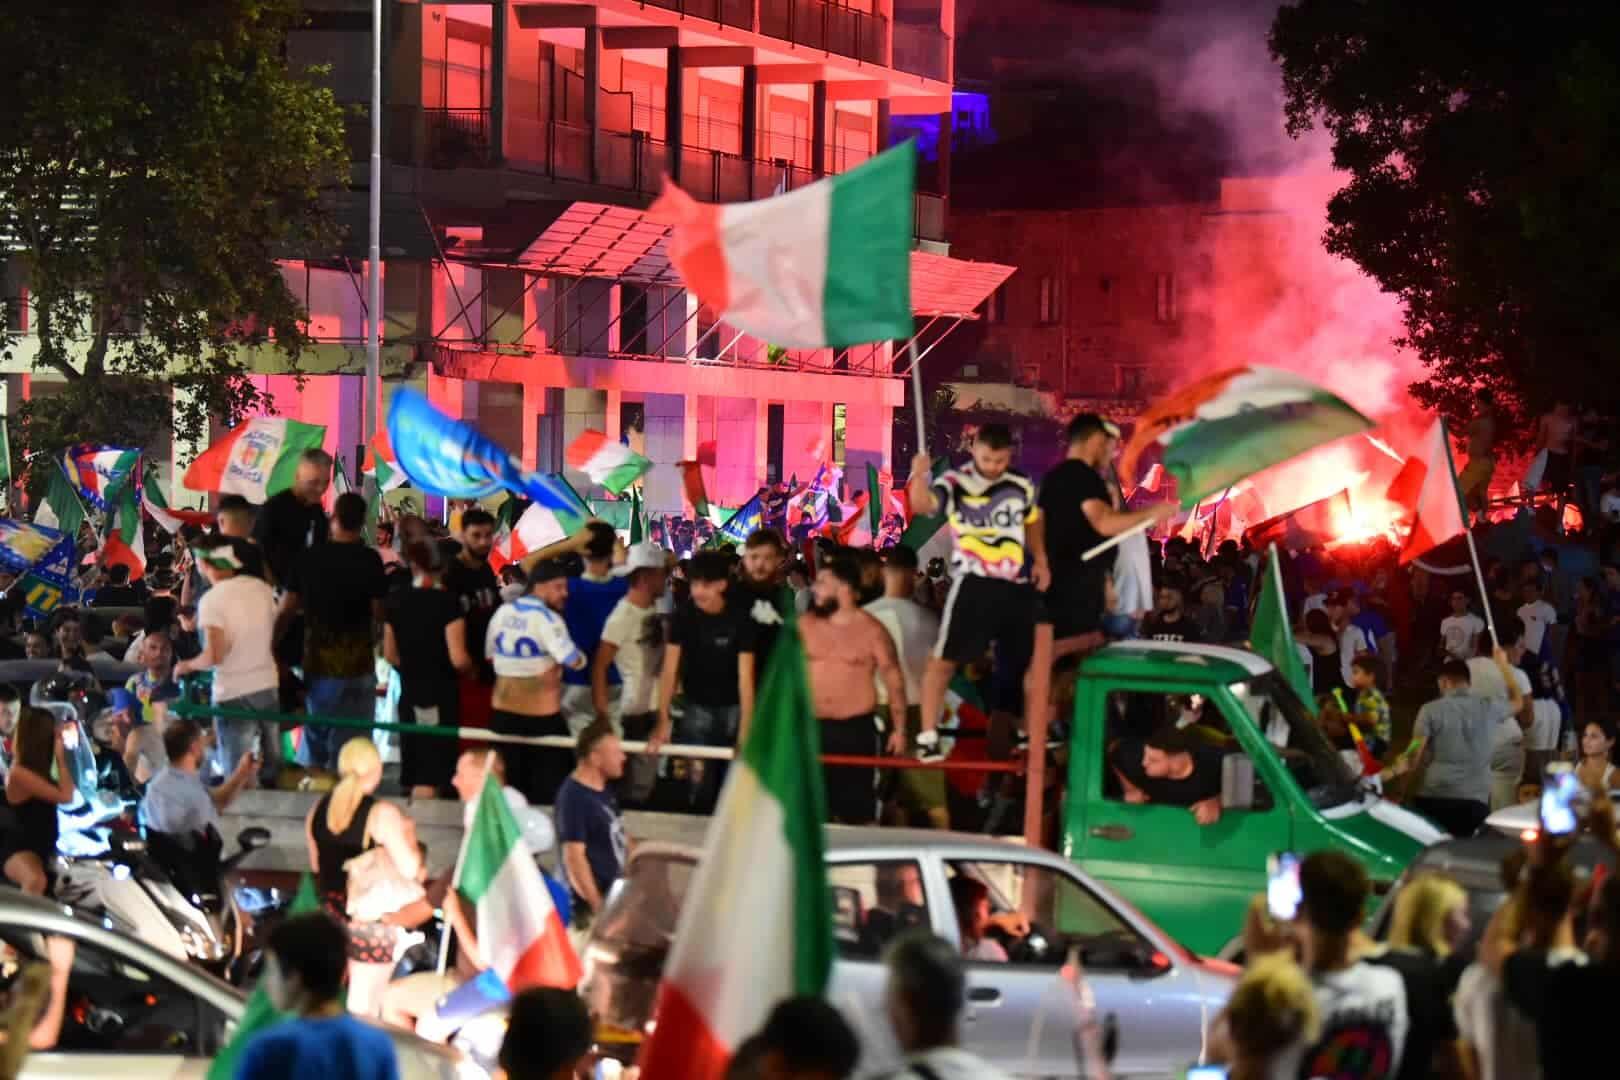 Italia Campione d'Europa, dal miracolo ai festeggiamenti: la Sicilia scende in strada, vede azzurro ma rischia giallo